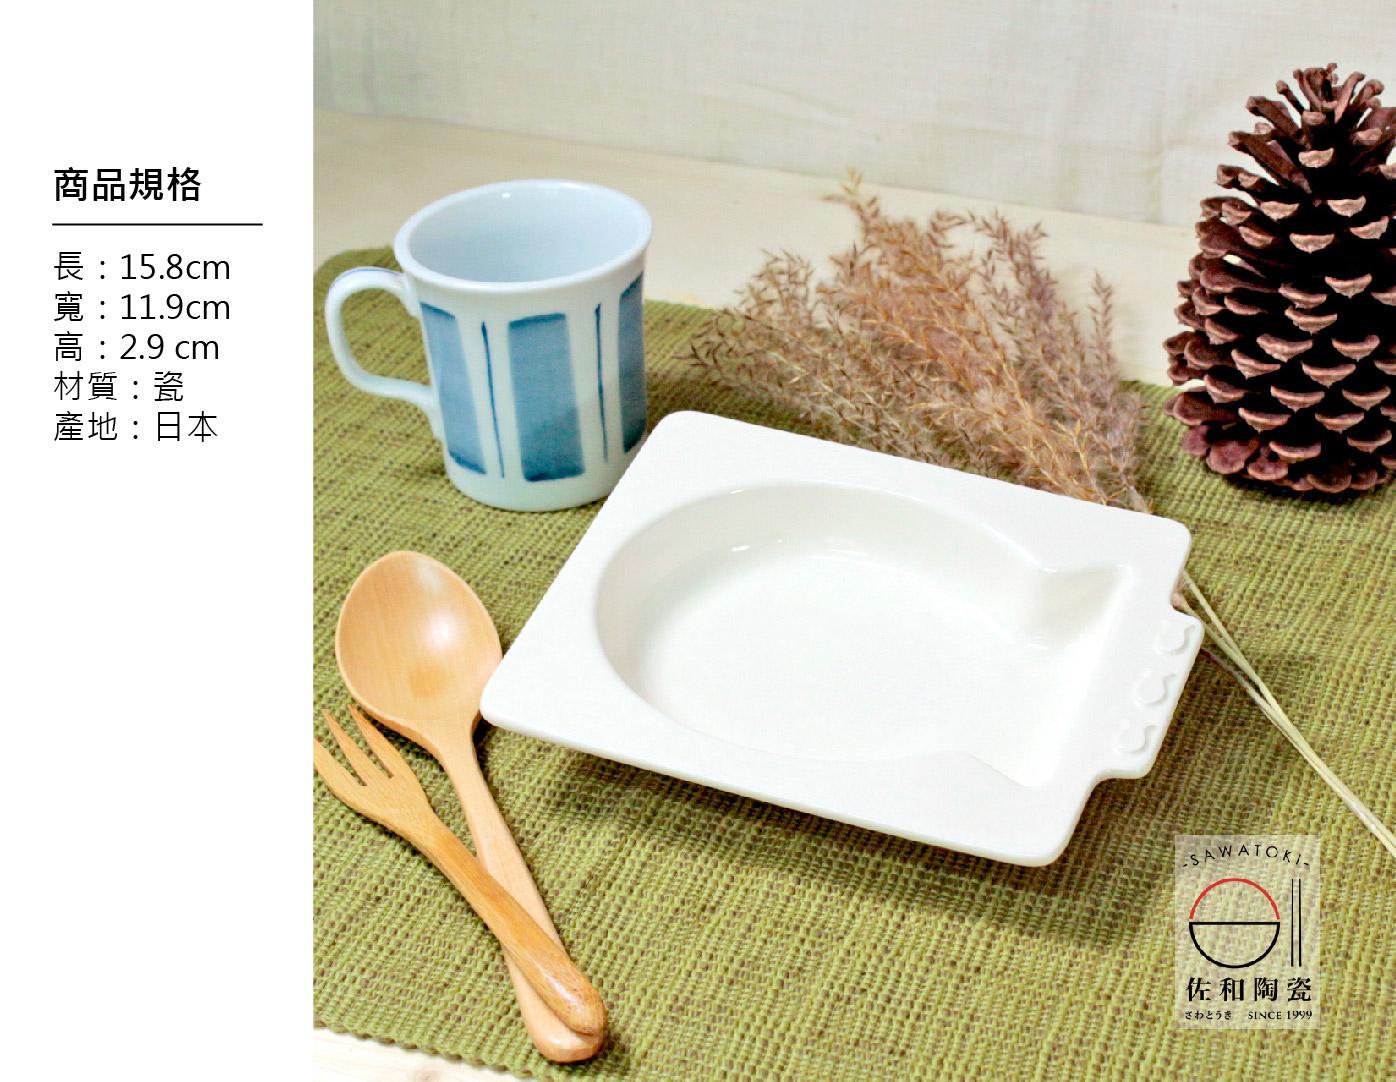 佐和陶瓷餐具批發XL05081-11白魚形烤皿-日本製小菜冰淇淋甜點烤盤耐熱陶板